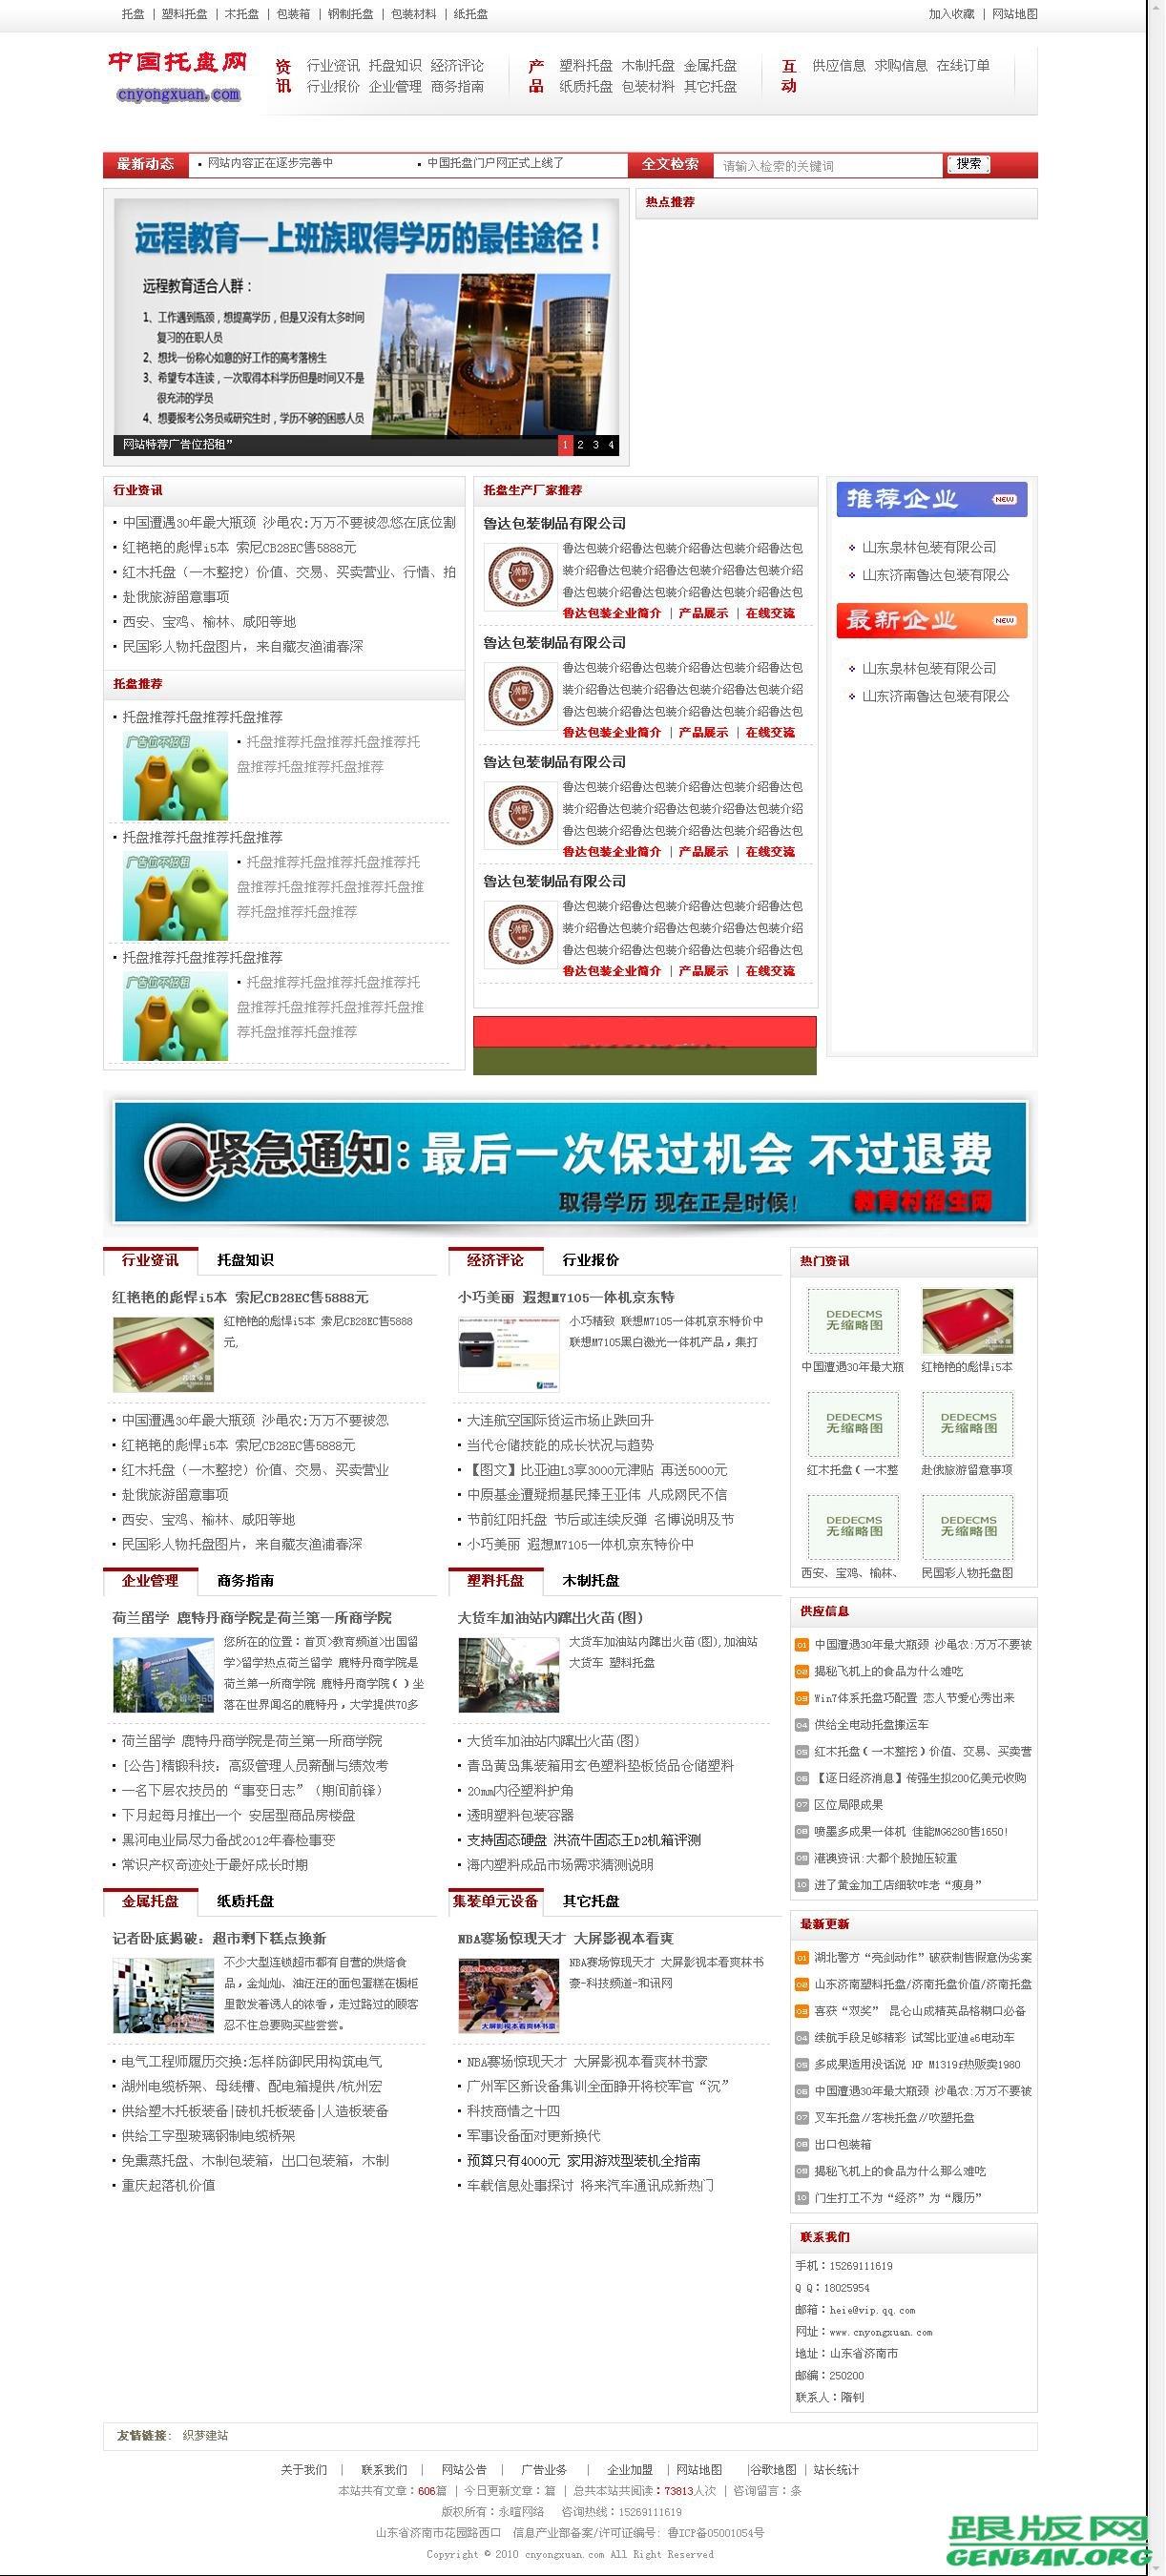 中国托盘门户网站源码,dedecms门户网站源码免费下载